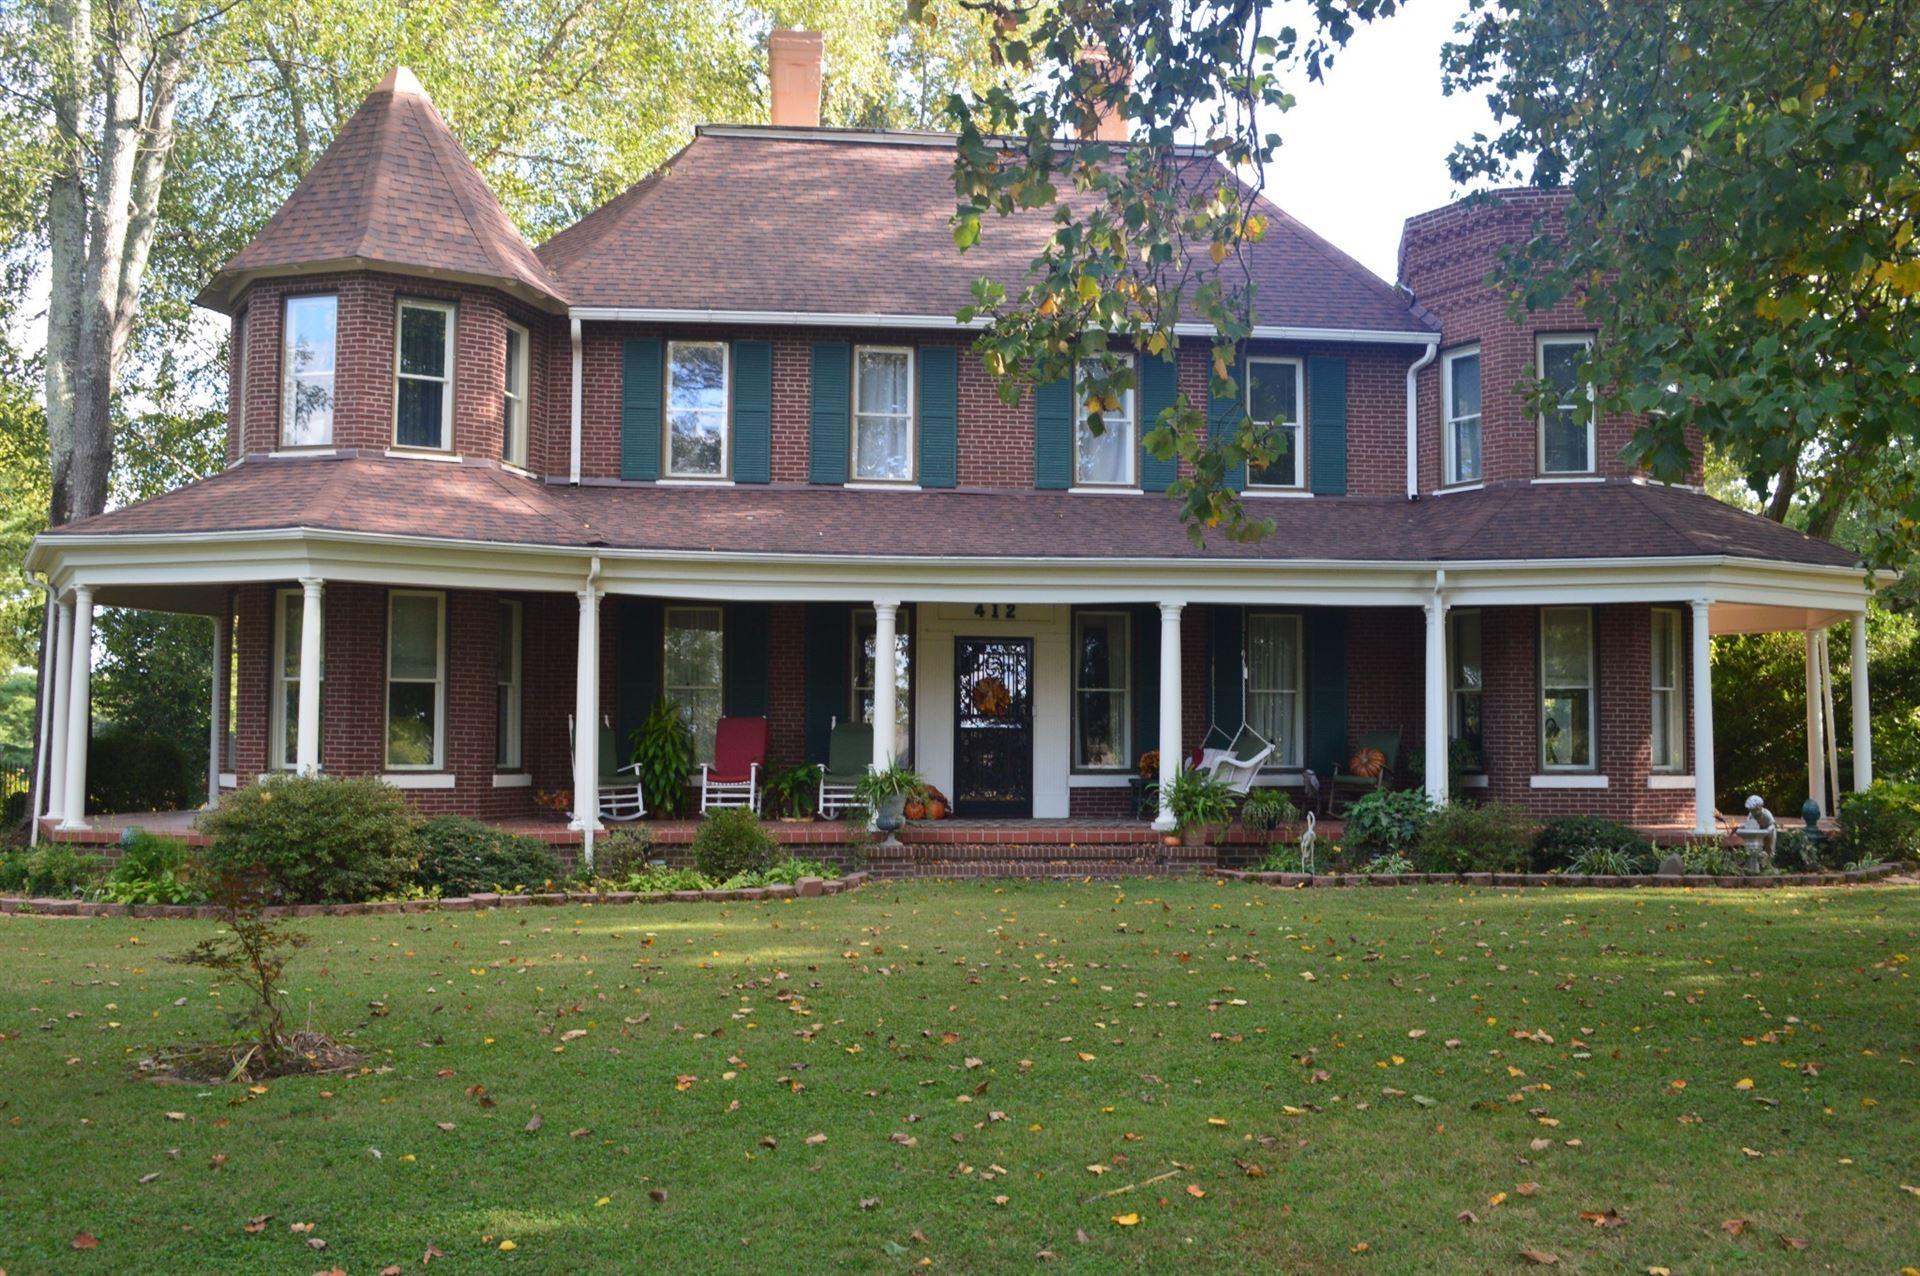 412 E Petty Ln, Winchester, TN 37398 - MLS#: 2197104